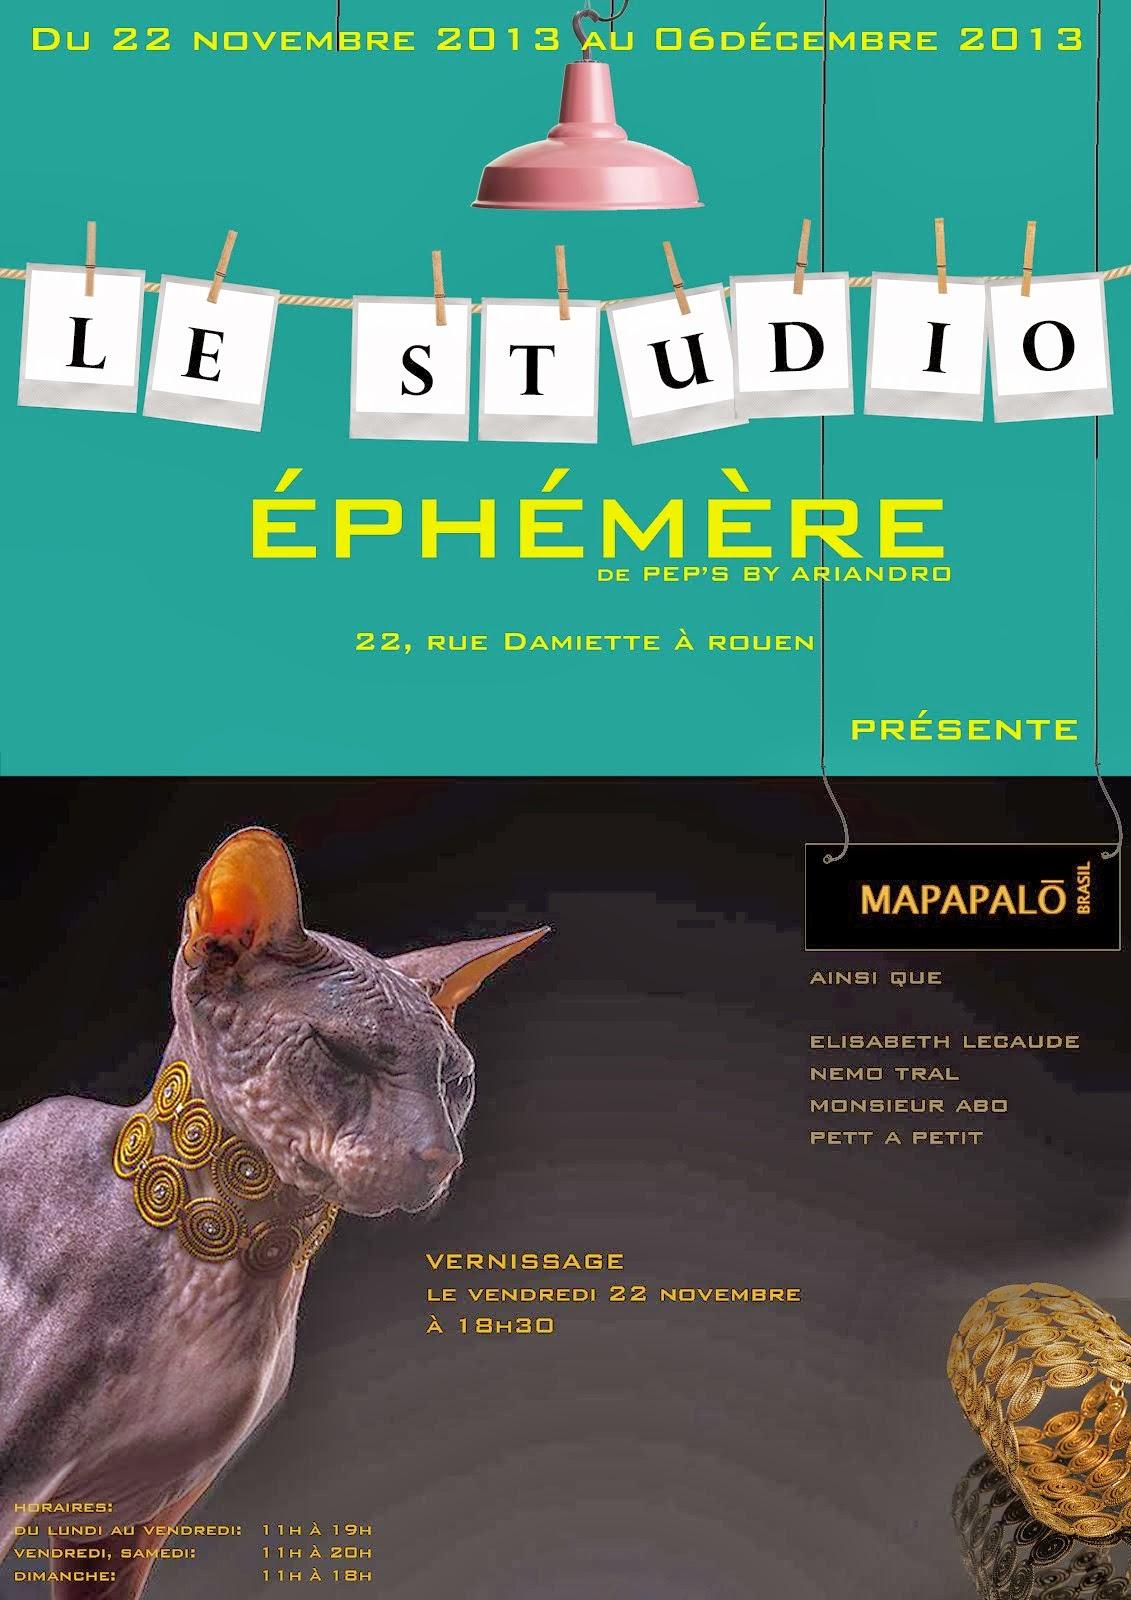 STUDIO EPHEMERE ROUEN edition 2 à suivre